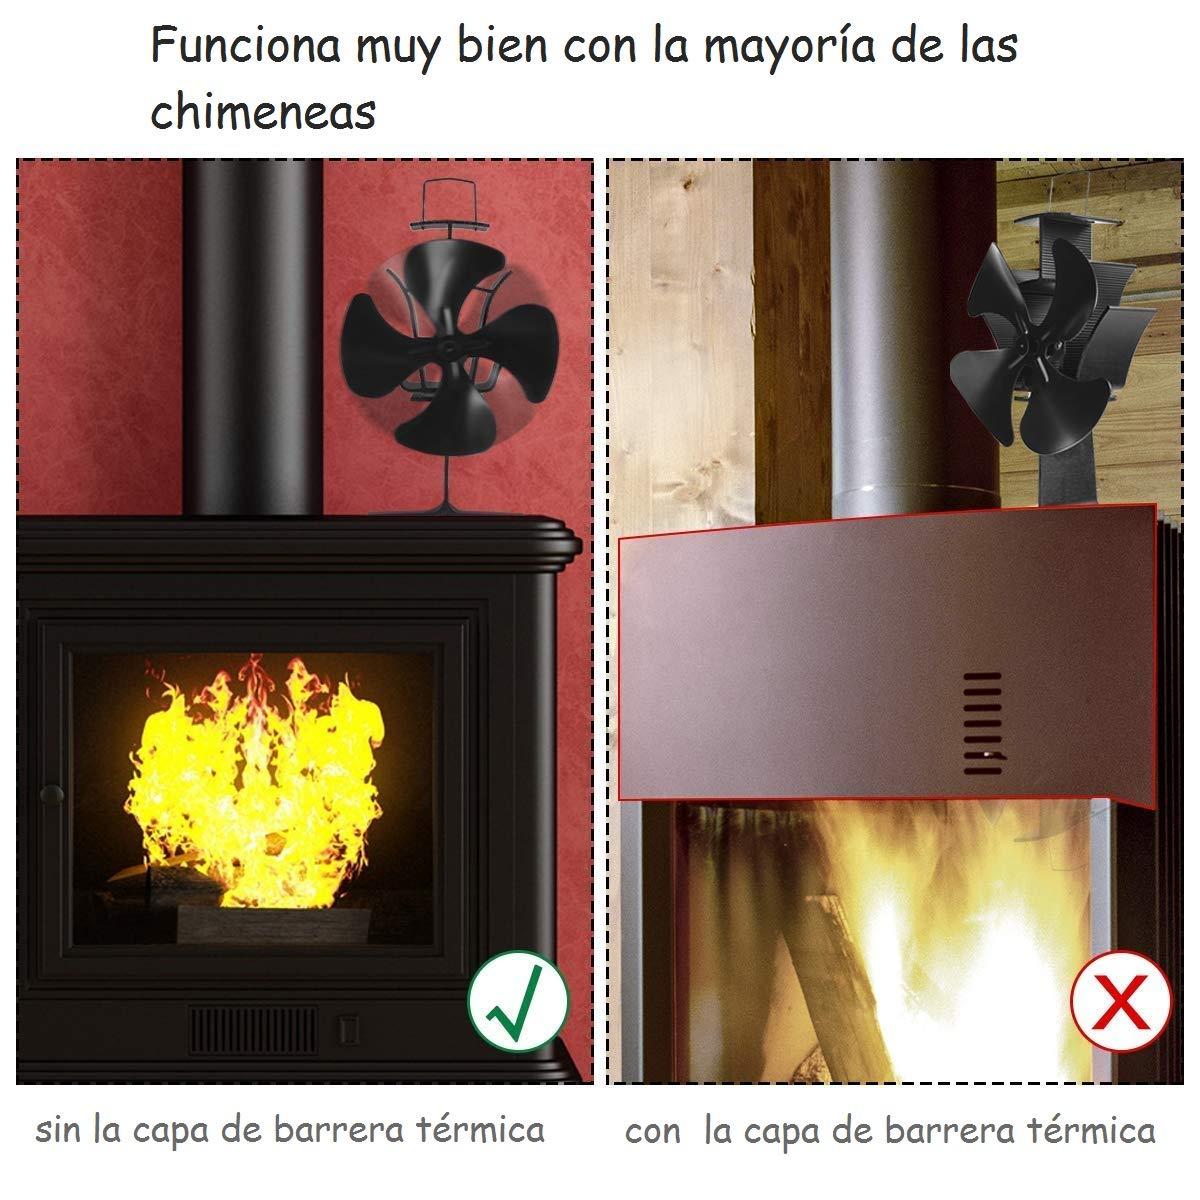 COSTWAY Ventilador de Chimenea con 4 Hojas USB Cable Fan sin Humo para Estufa de Leña Quemador de Madera Color Negro: Amazon.es: Bricolaje y herramientas